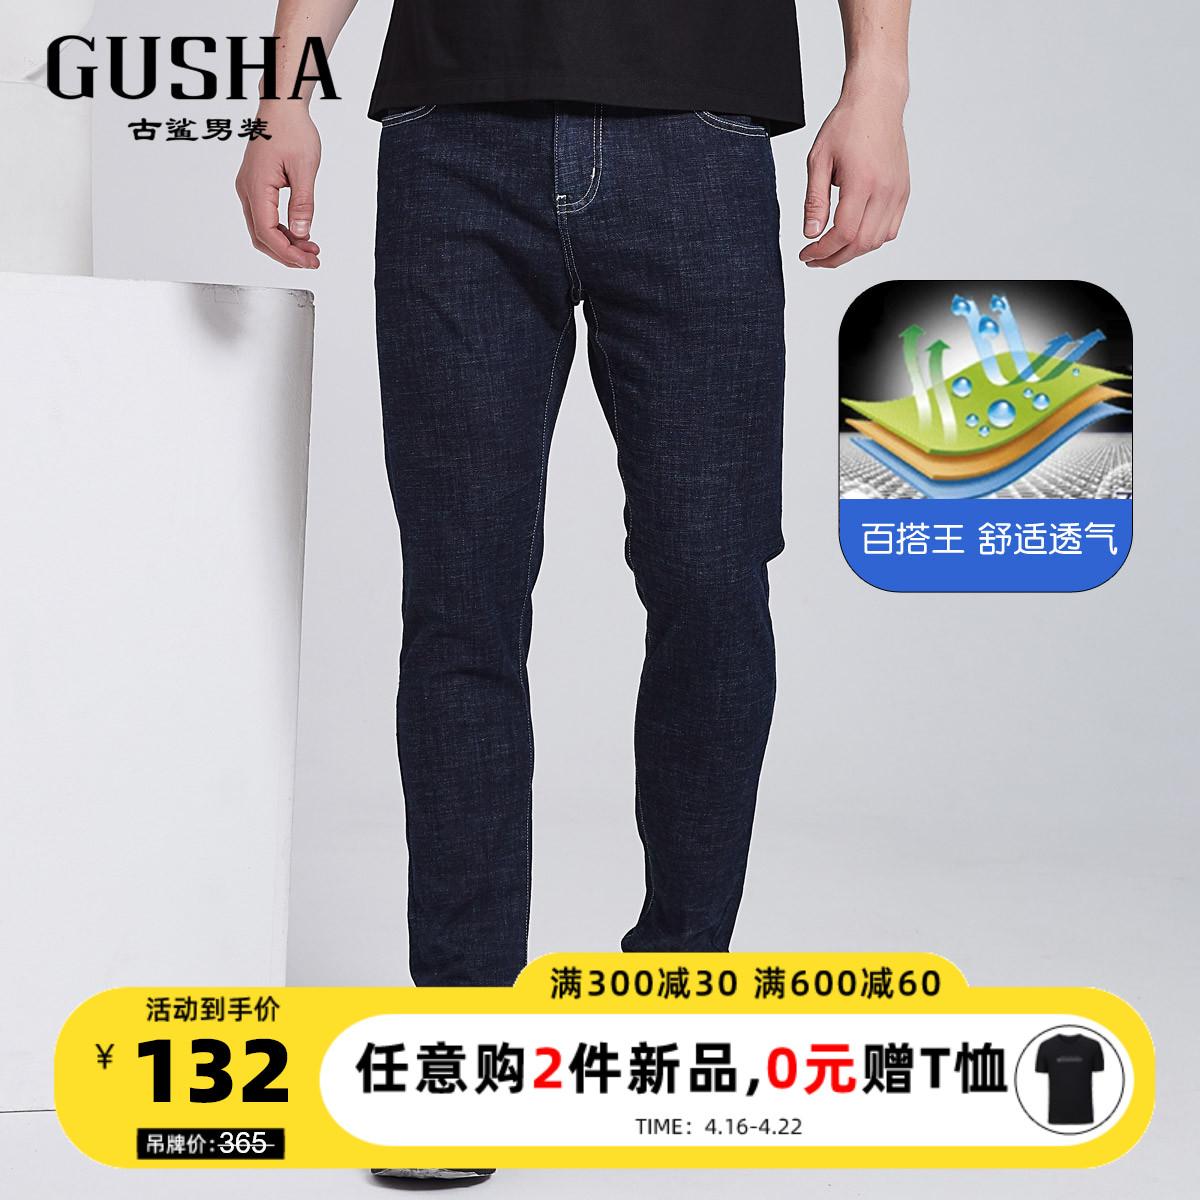 古鲨春季新款 蓝色弹力牛仔裤 男士修身长裤休闲小脚裤08530008